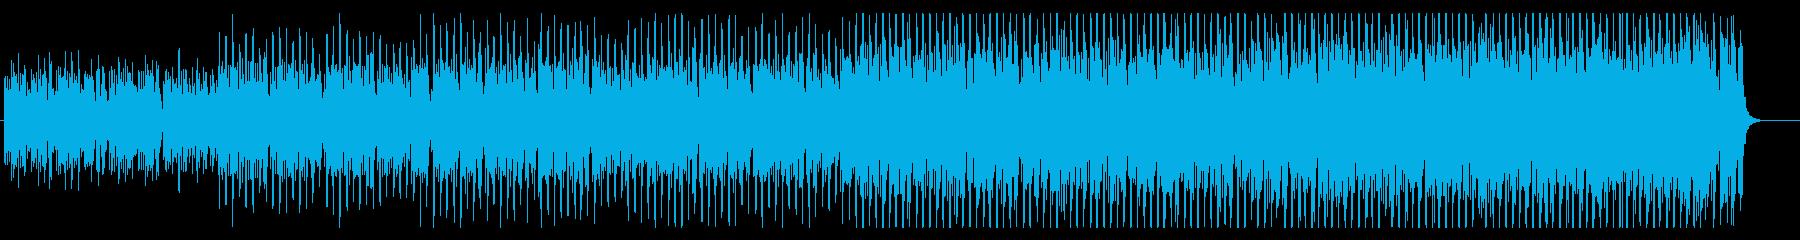 元気いっぱい・キッズ系のわんぱくBGMの再生済みの波形